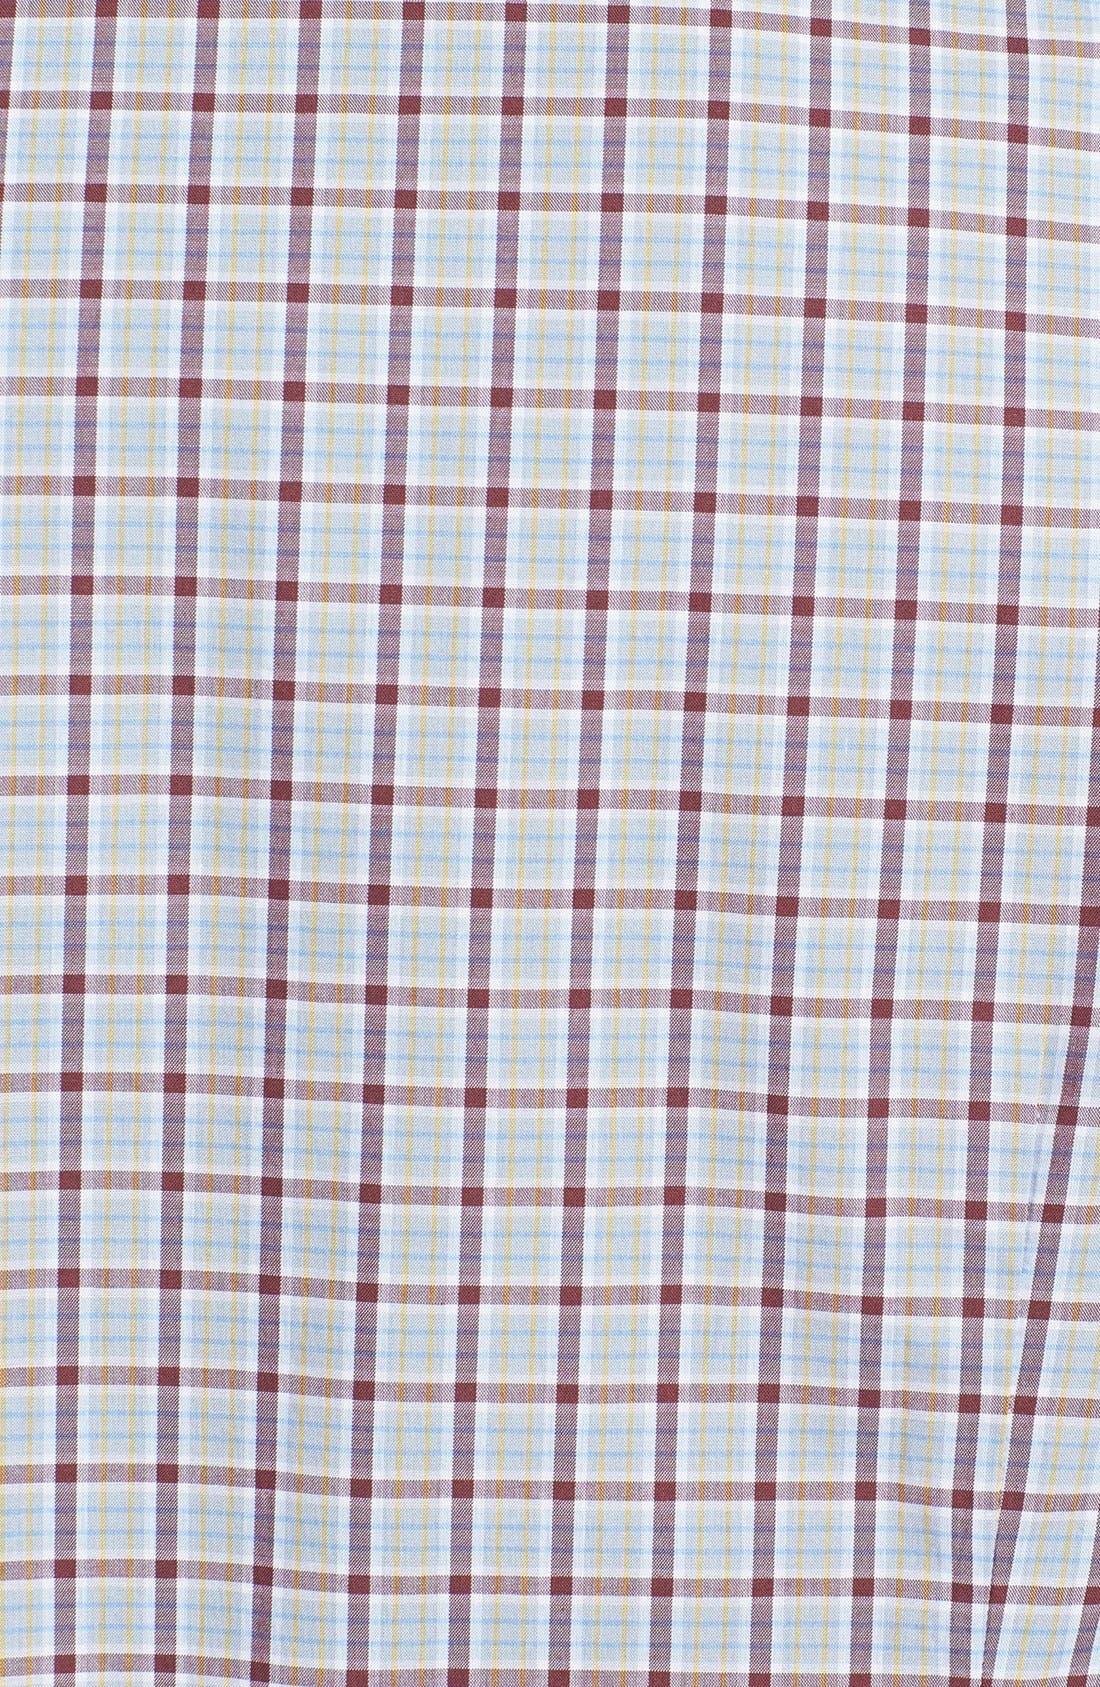 Alternate Image 3  - BOSS HUGO BOSS 'Obert' Regular Fit Plaid Sport Shirt